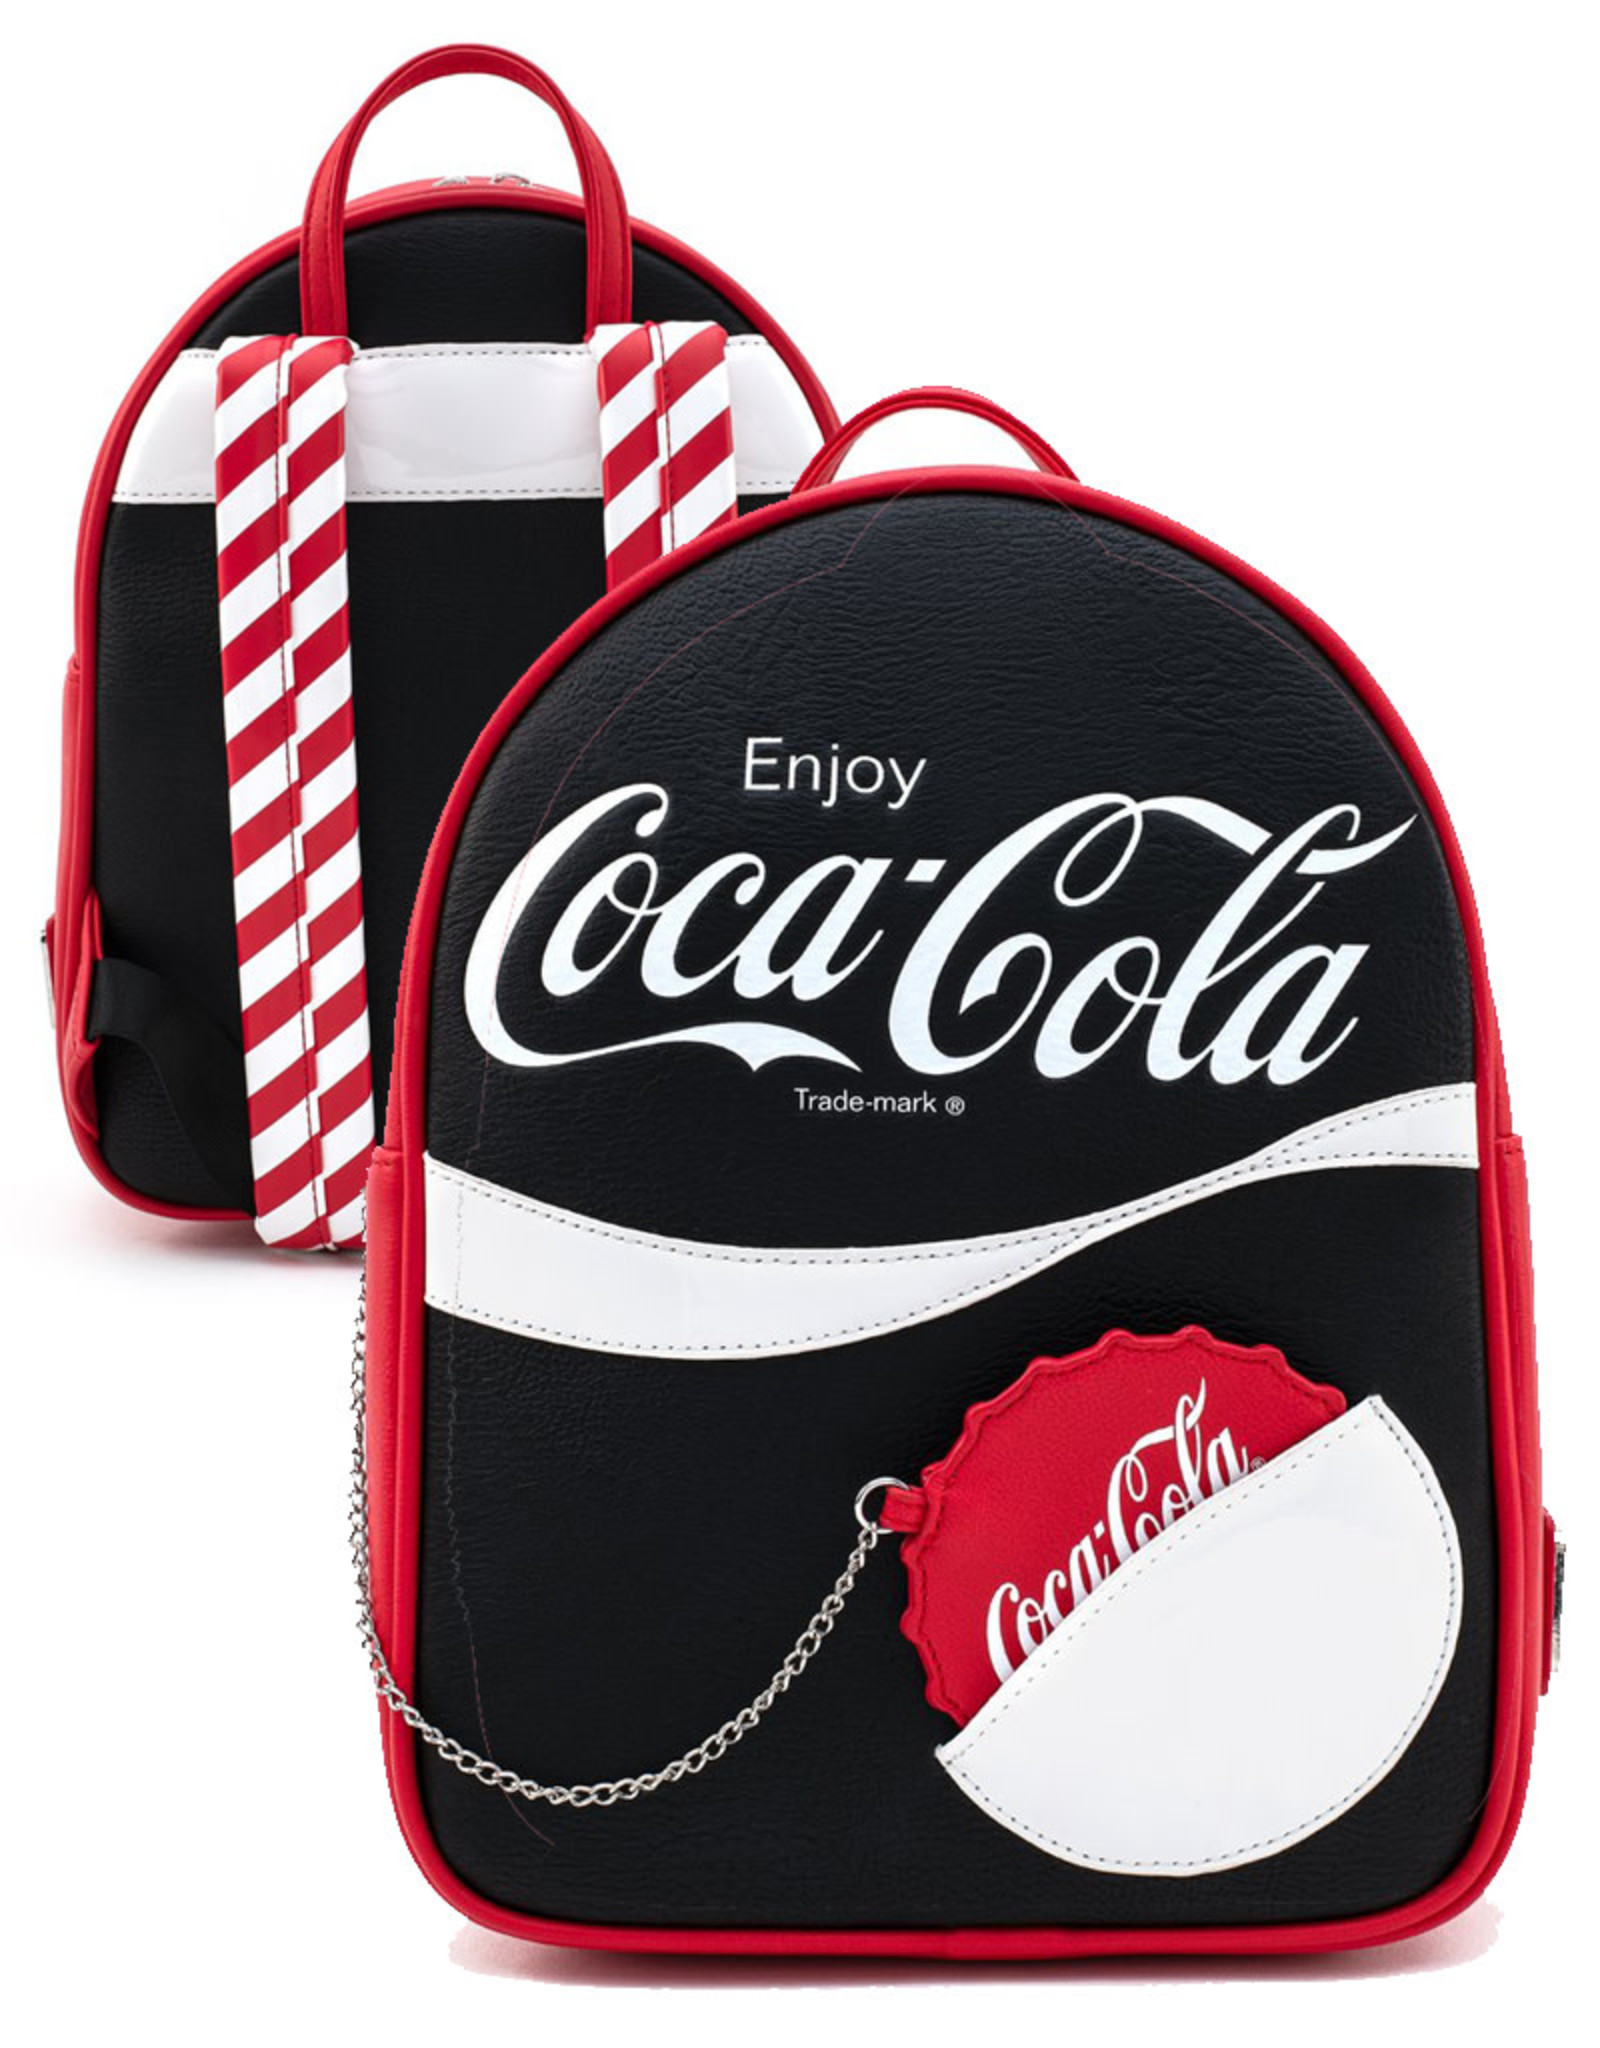 Coca-Cola Coca-Cola ( Mini Sac à Dos Loungefly ) Enjoy